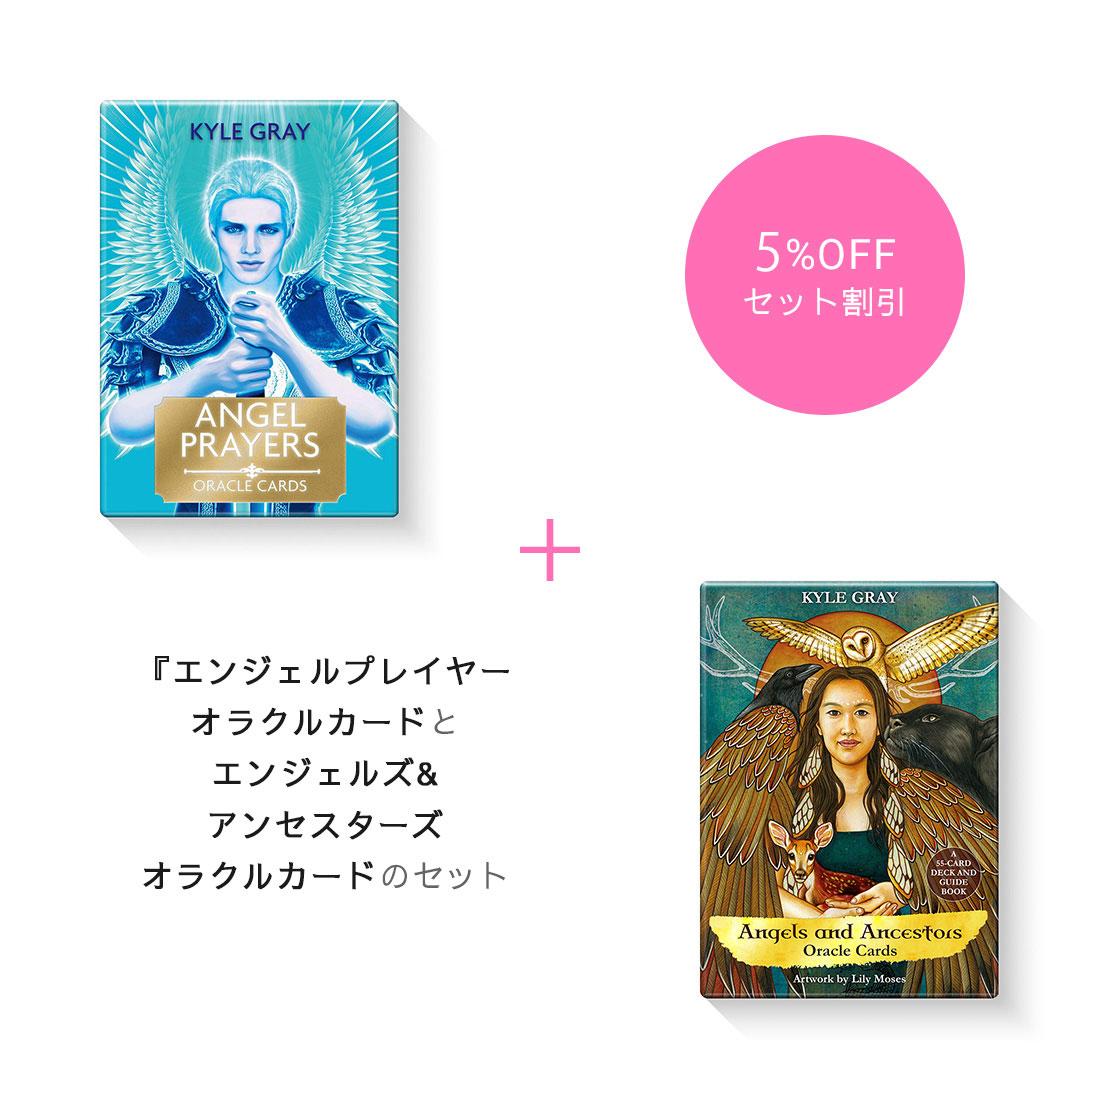 『エンジェルプレイヤーオラクルカード』&『エンジェルズ&アンセスターズオラクルカード』